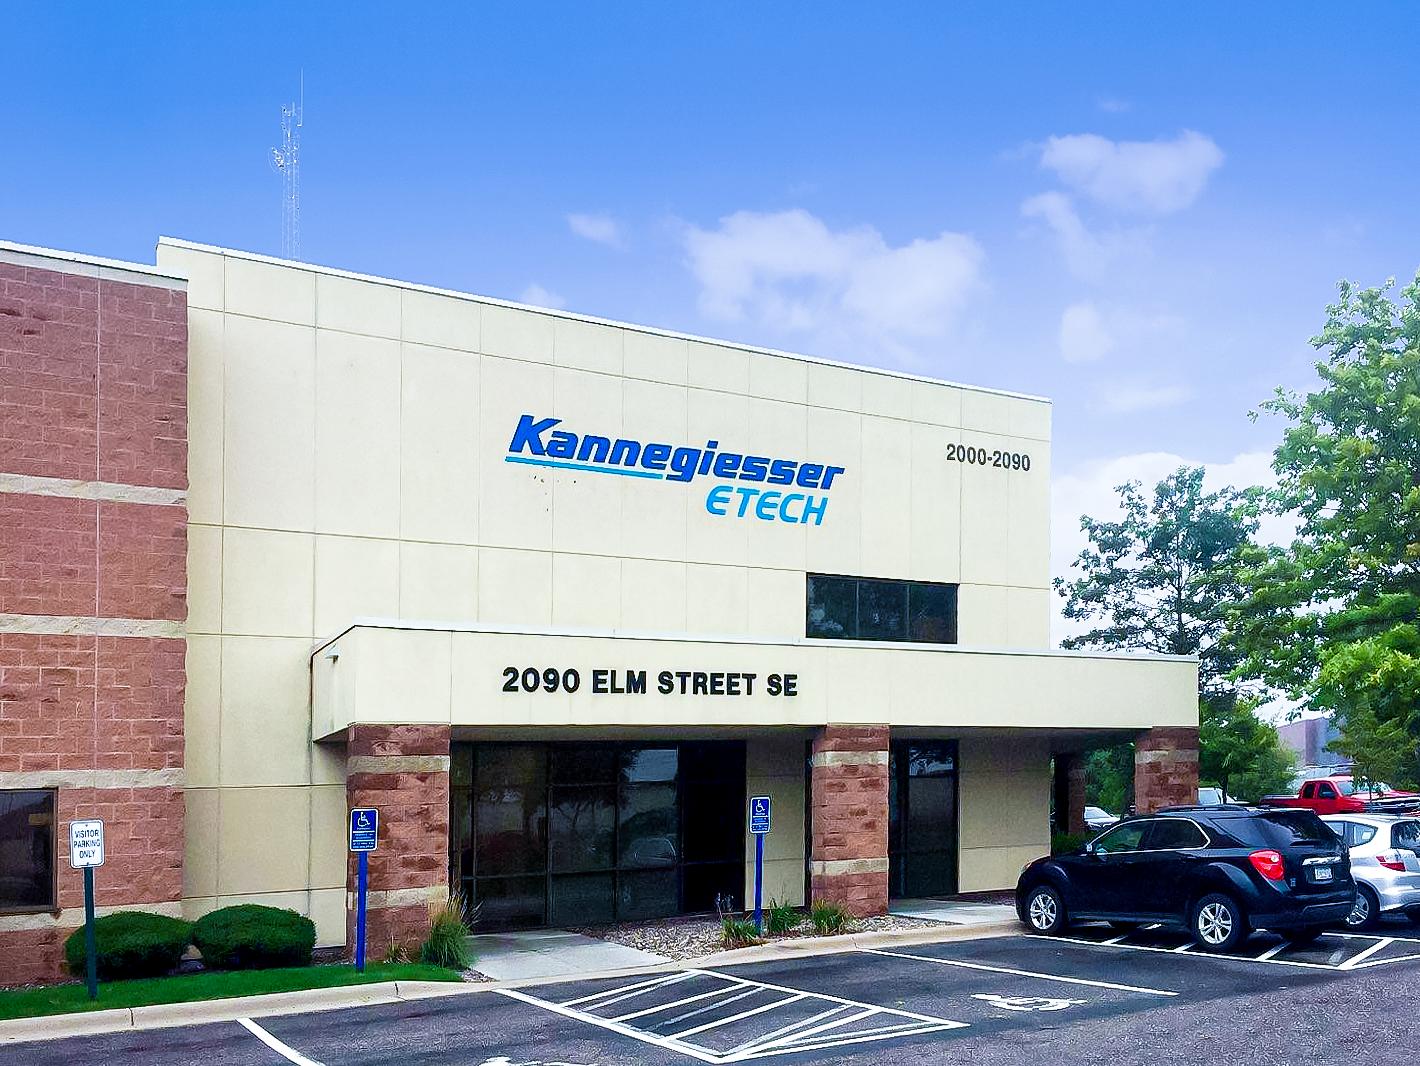 Kannegiesser USA zawarła umowę zakupu E-Tech, Inc. z Minneapolis